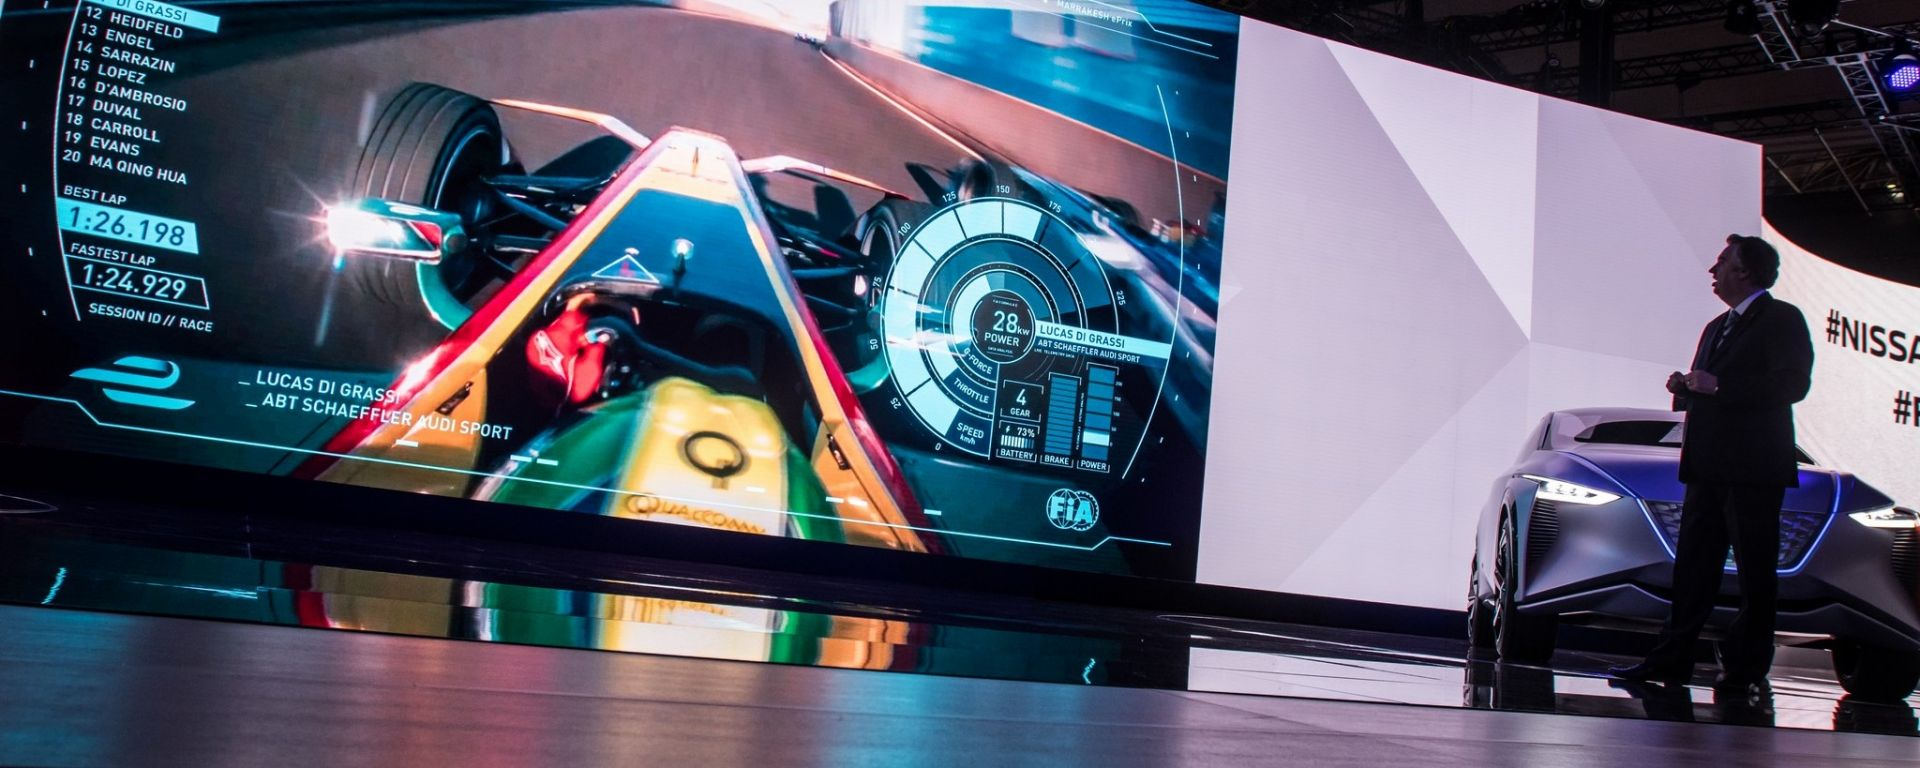 Nissan Tokyo Motorshow - anche Nissan parteciperà alla Formula E 2018